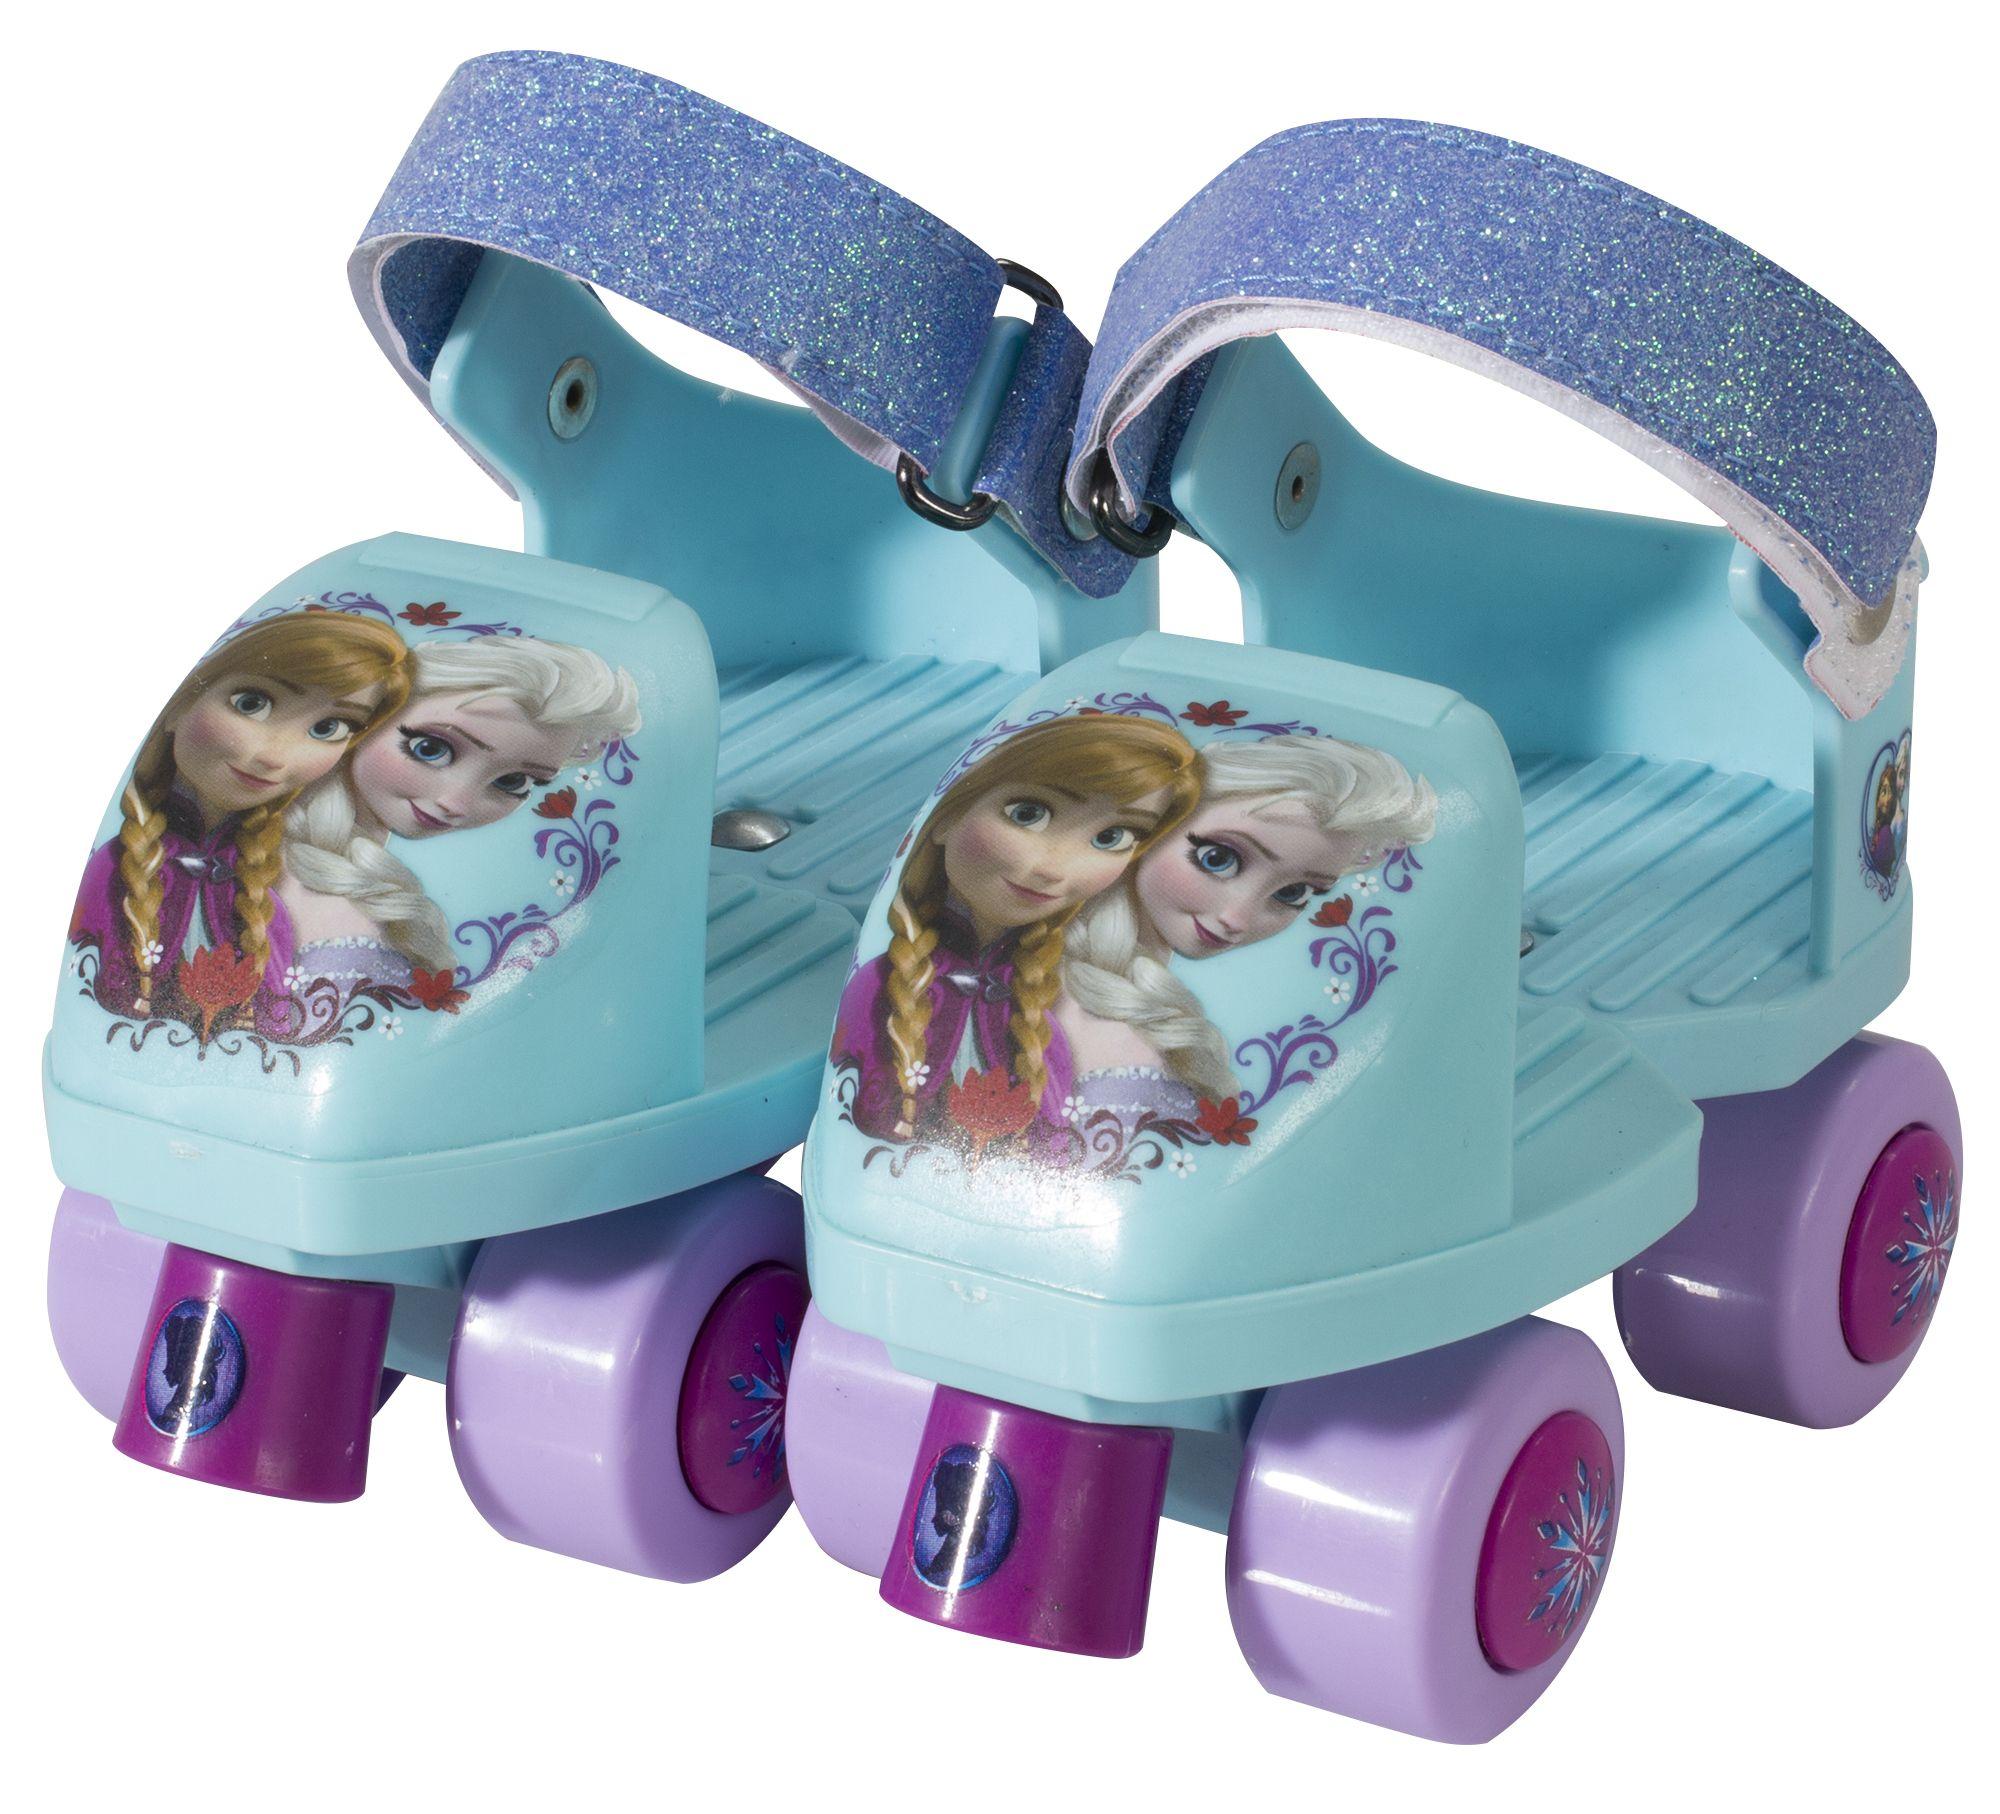 Chicago roller skates walmart - Jr Glitter Skate Combo 19 99 Available At Walmart Frozen Disney